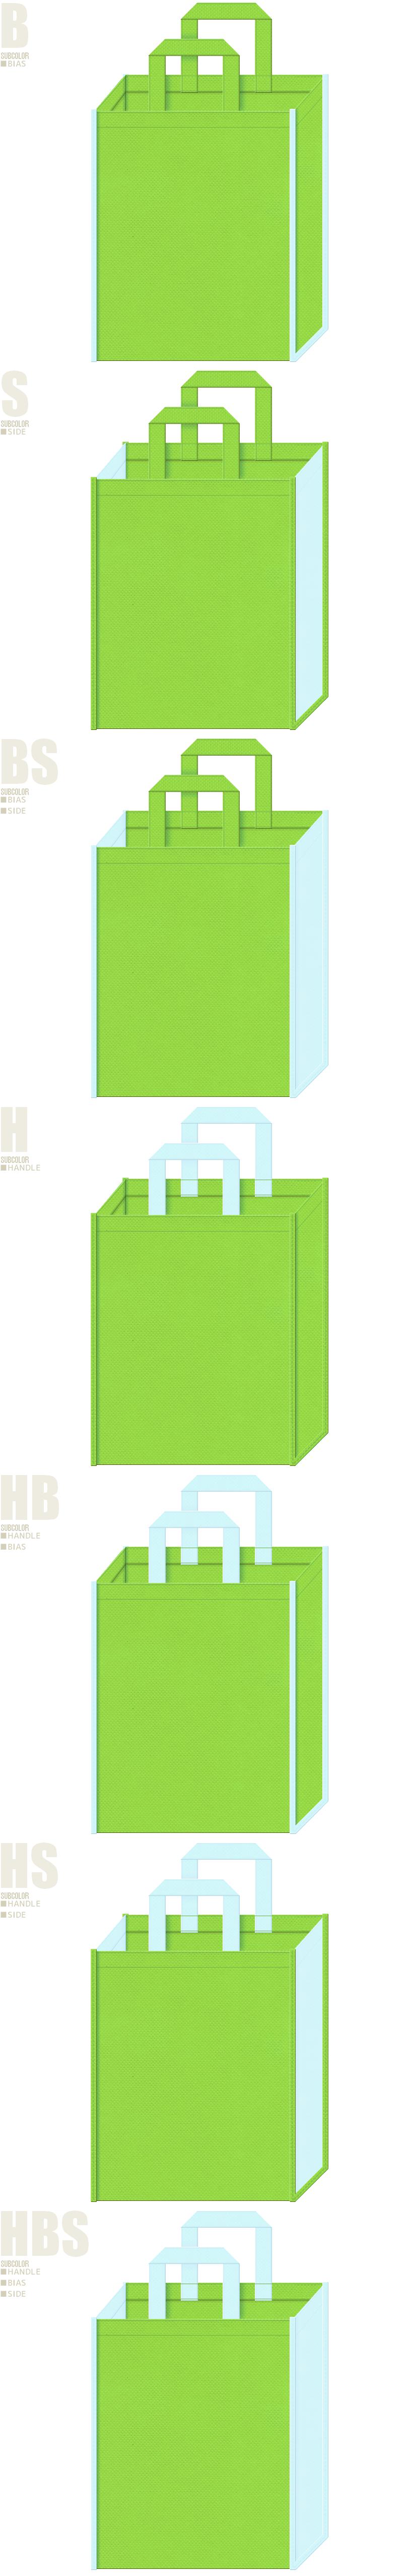 潤い・芝生・スプリンクラー・ナチュラルなイメージの展示会用バッグにお奨めの不織布バッグデザイン:黄緑色と水色の不織布バッグ配色7パターン。